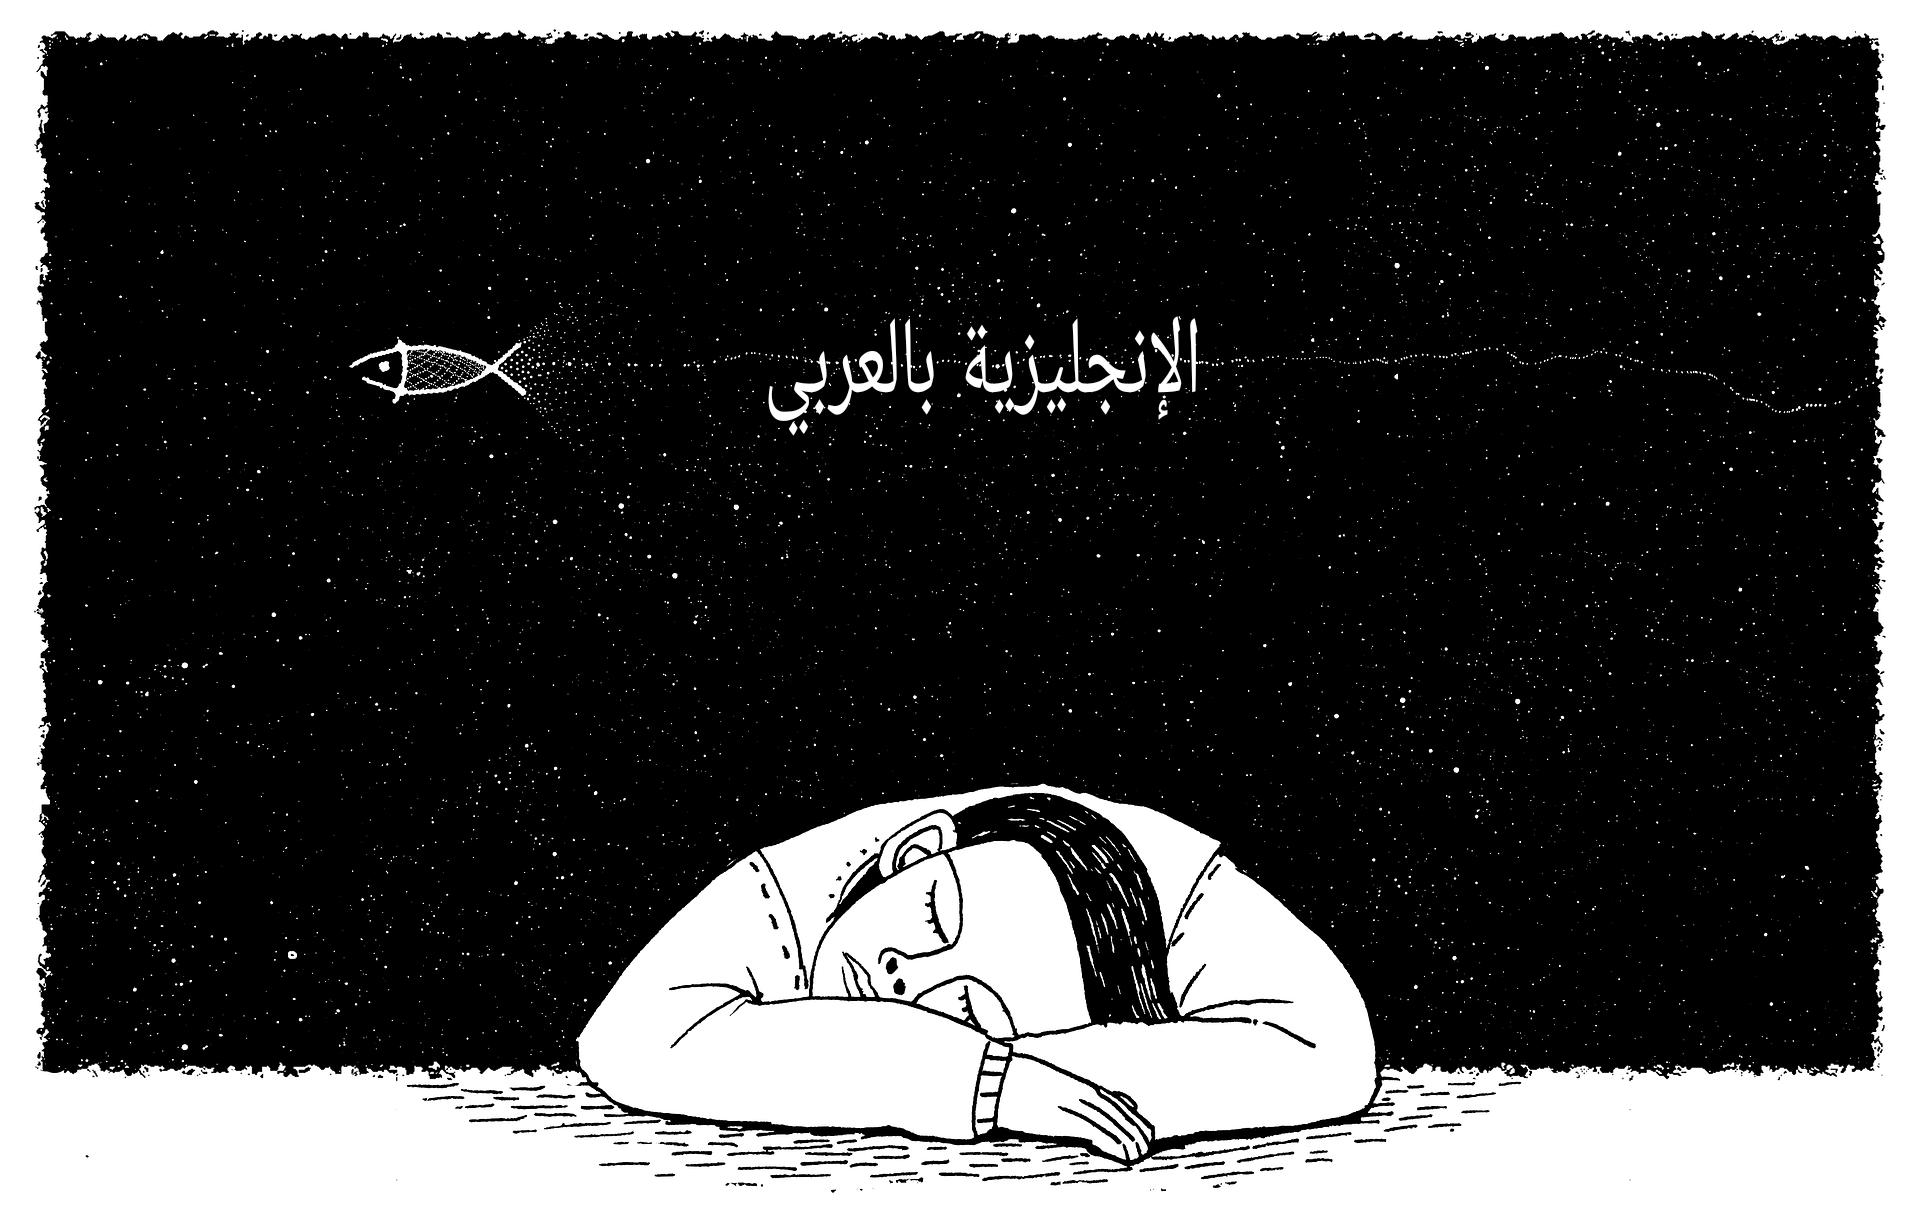 الأحلام والنوم في الإنجليزية